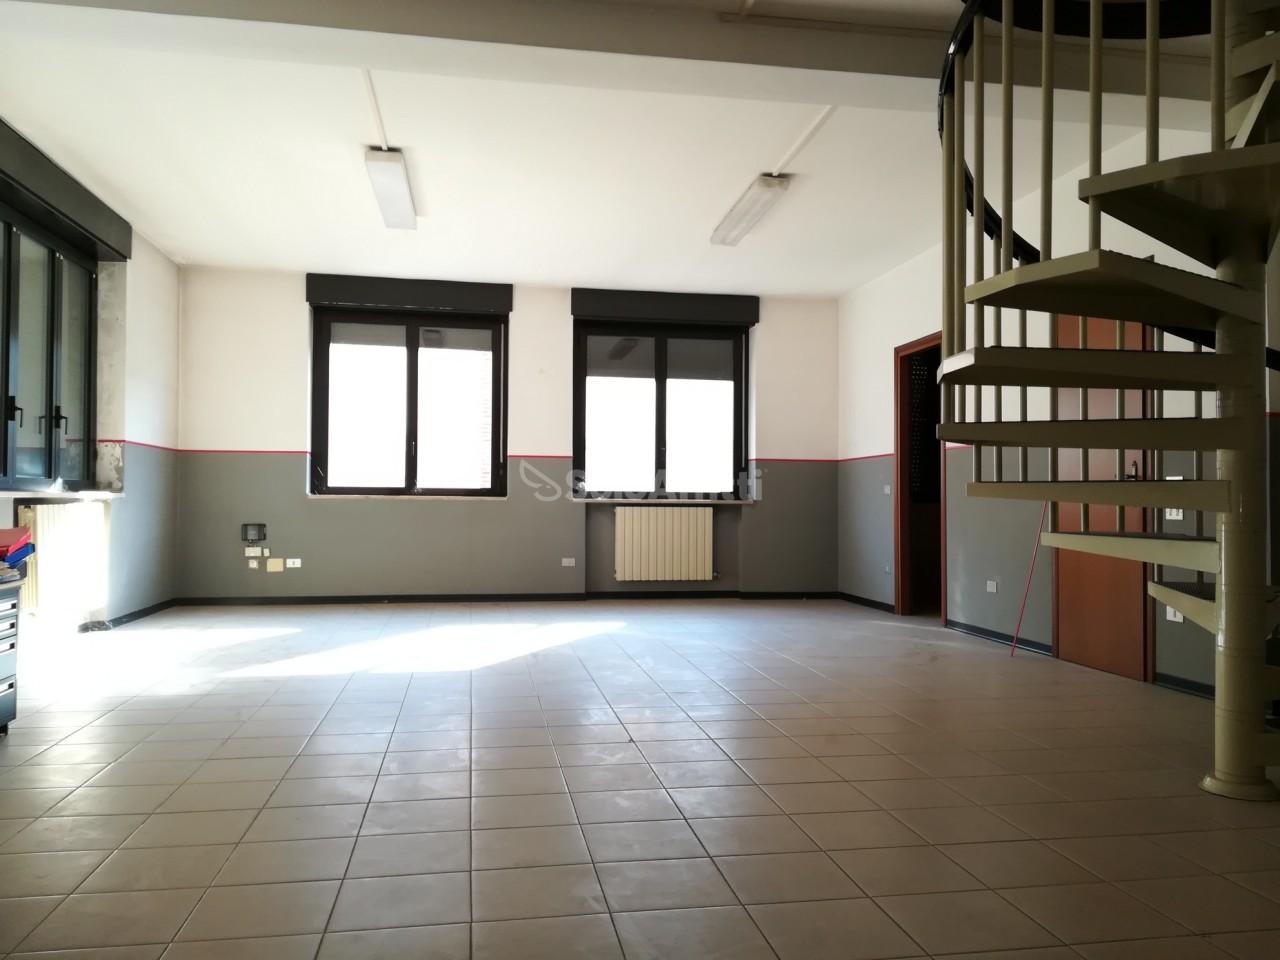 Ufficio / Studio in affitto a Saronno, 2 locali, prezzo € 900   PortaleAgenzieImmobiliari.it